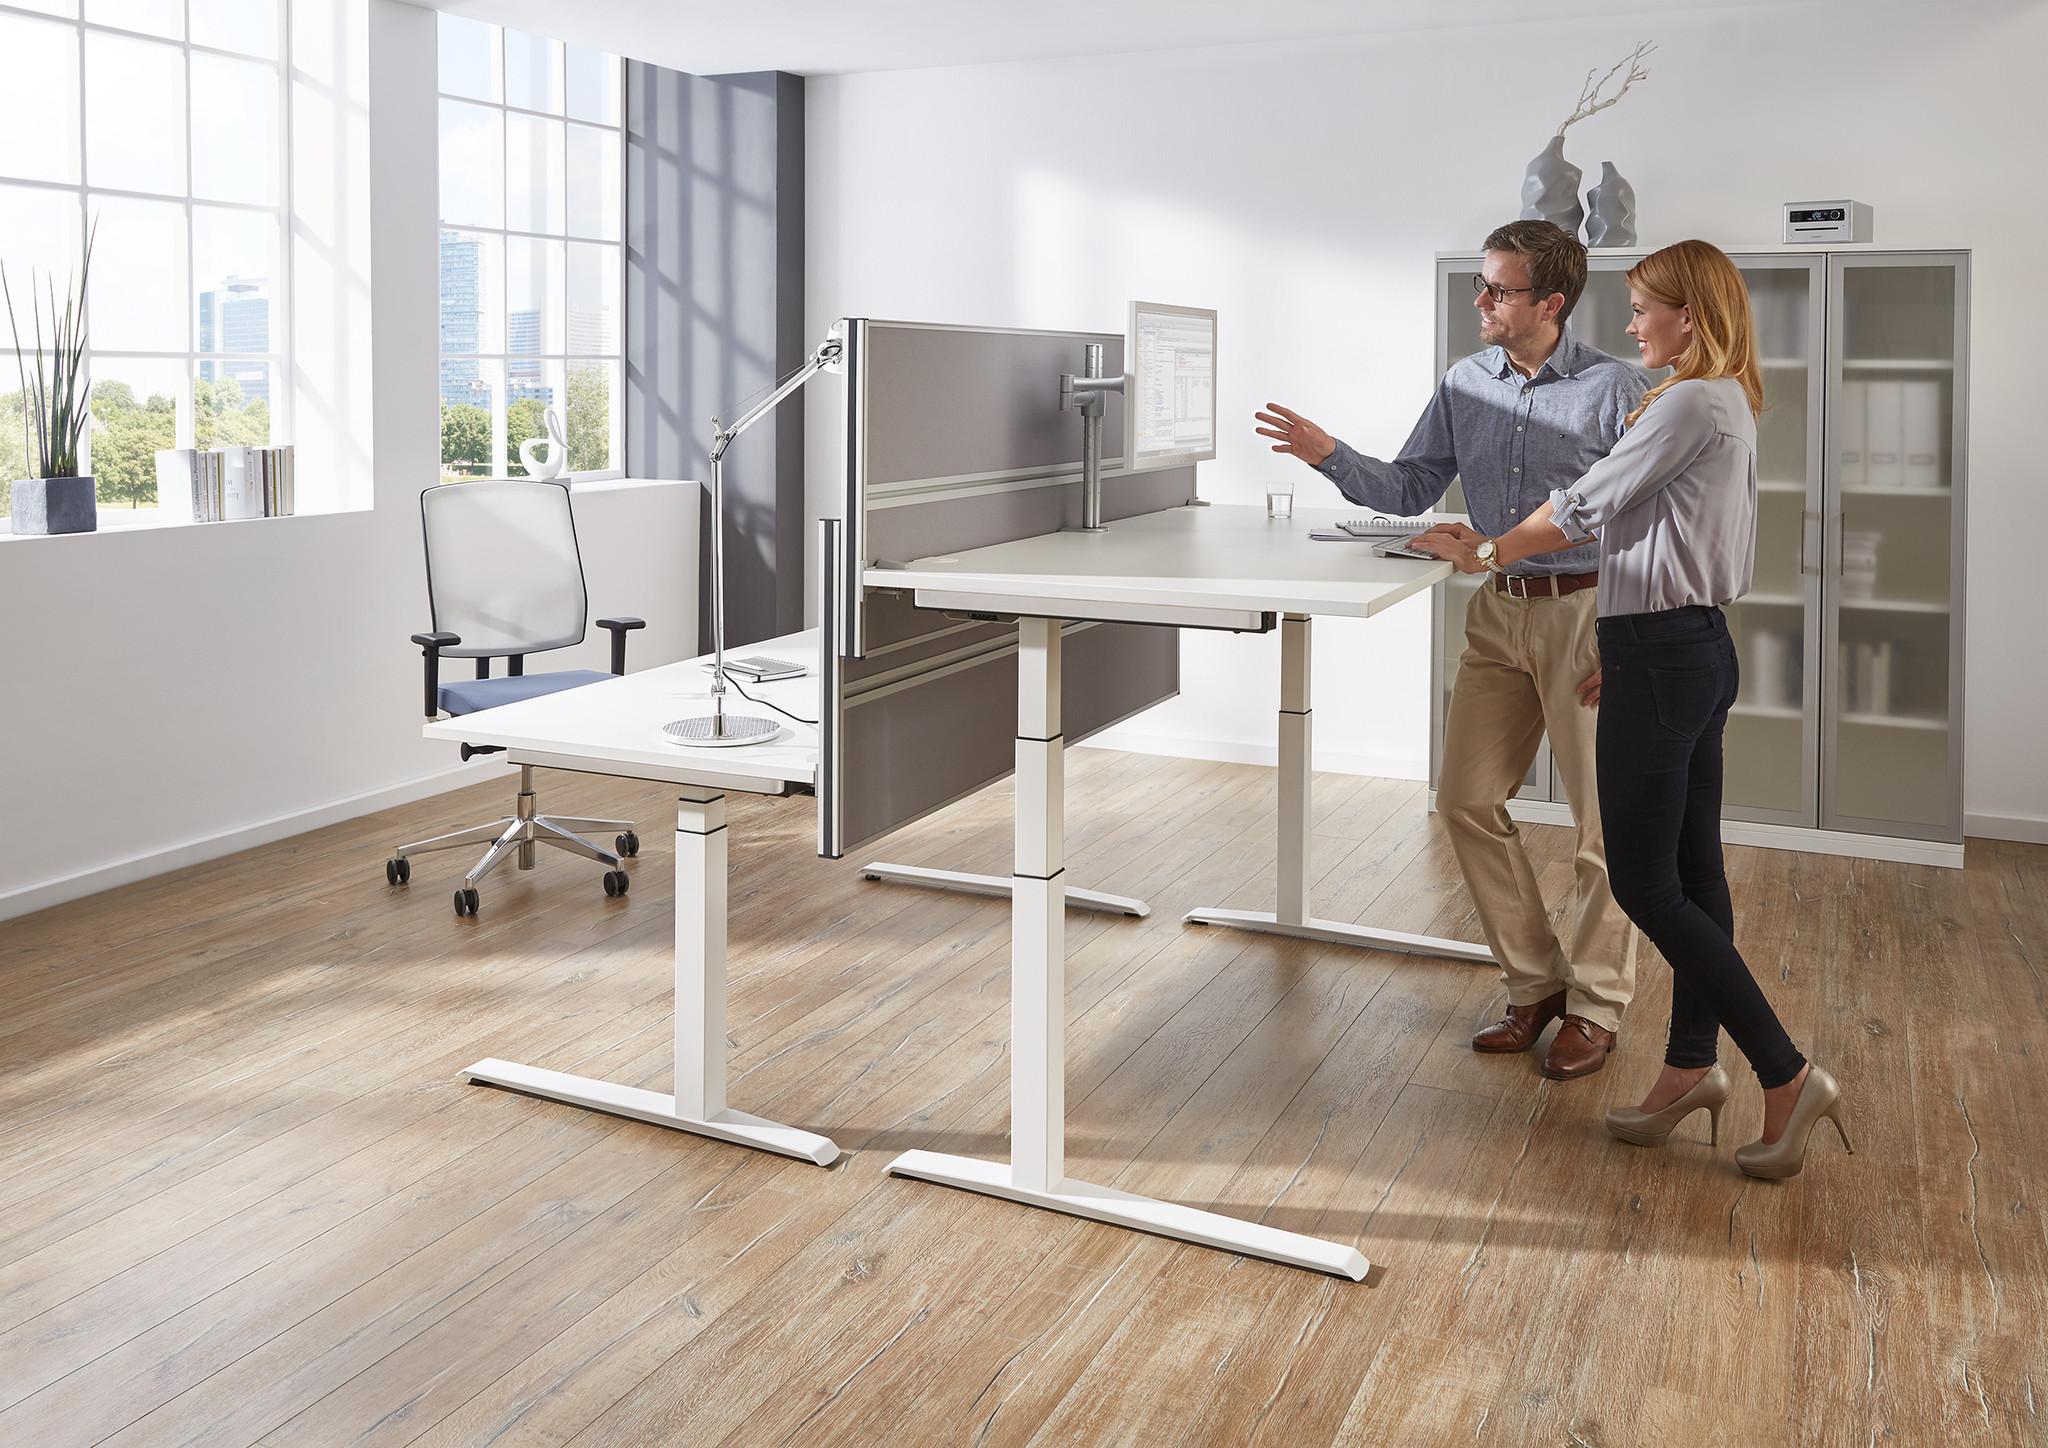 Sliderbild fm62 Schreibtischsysteme